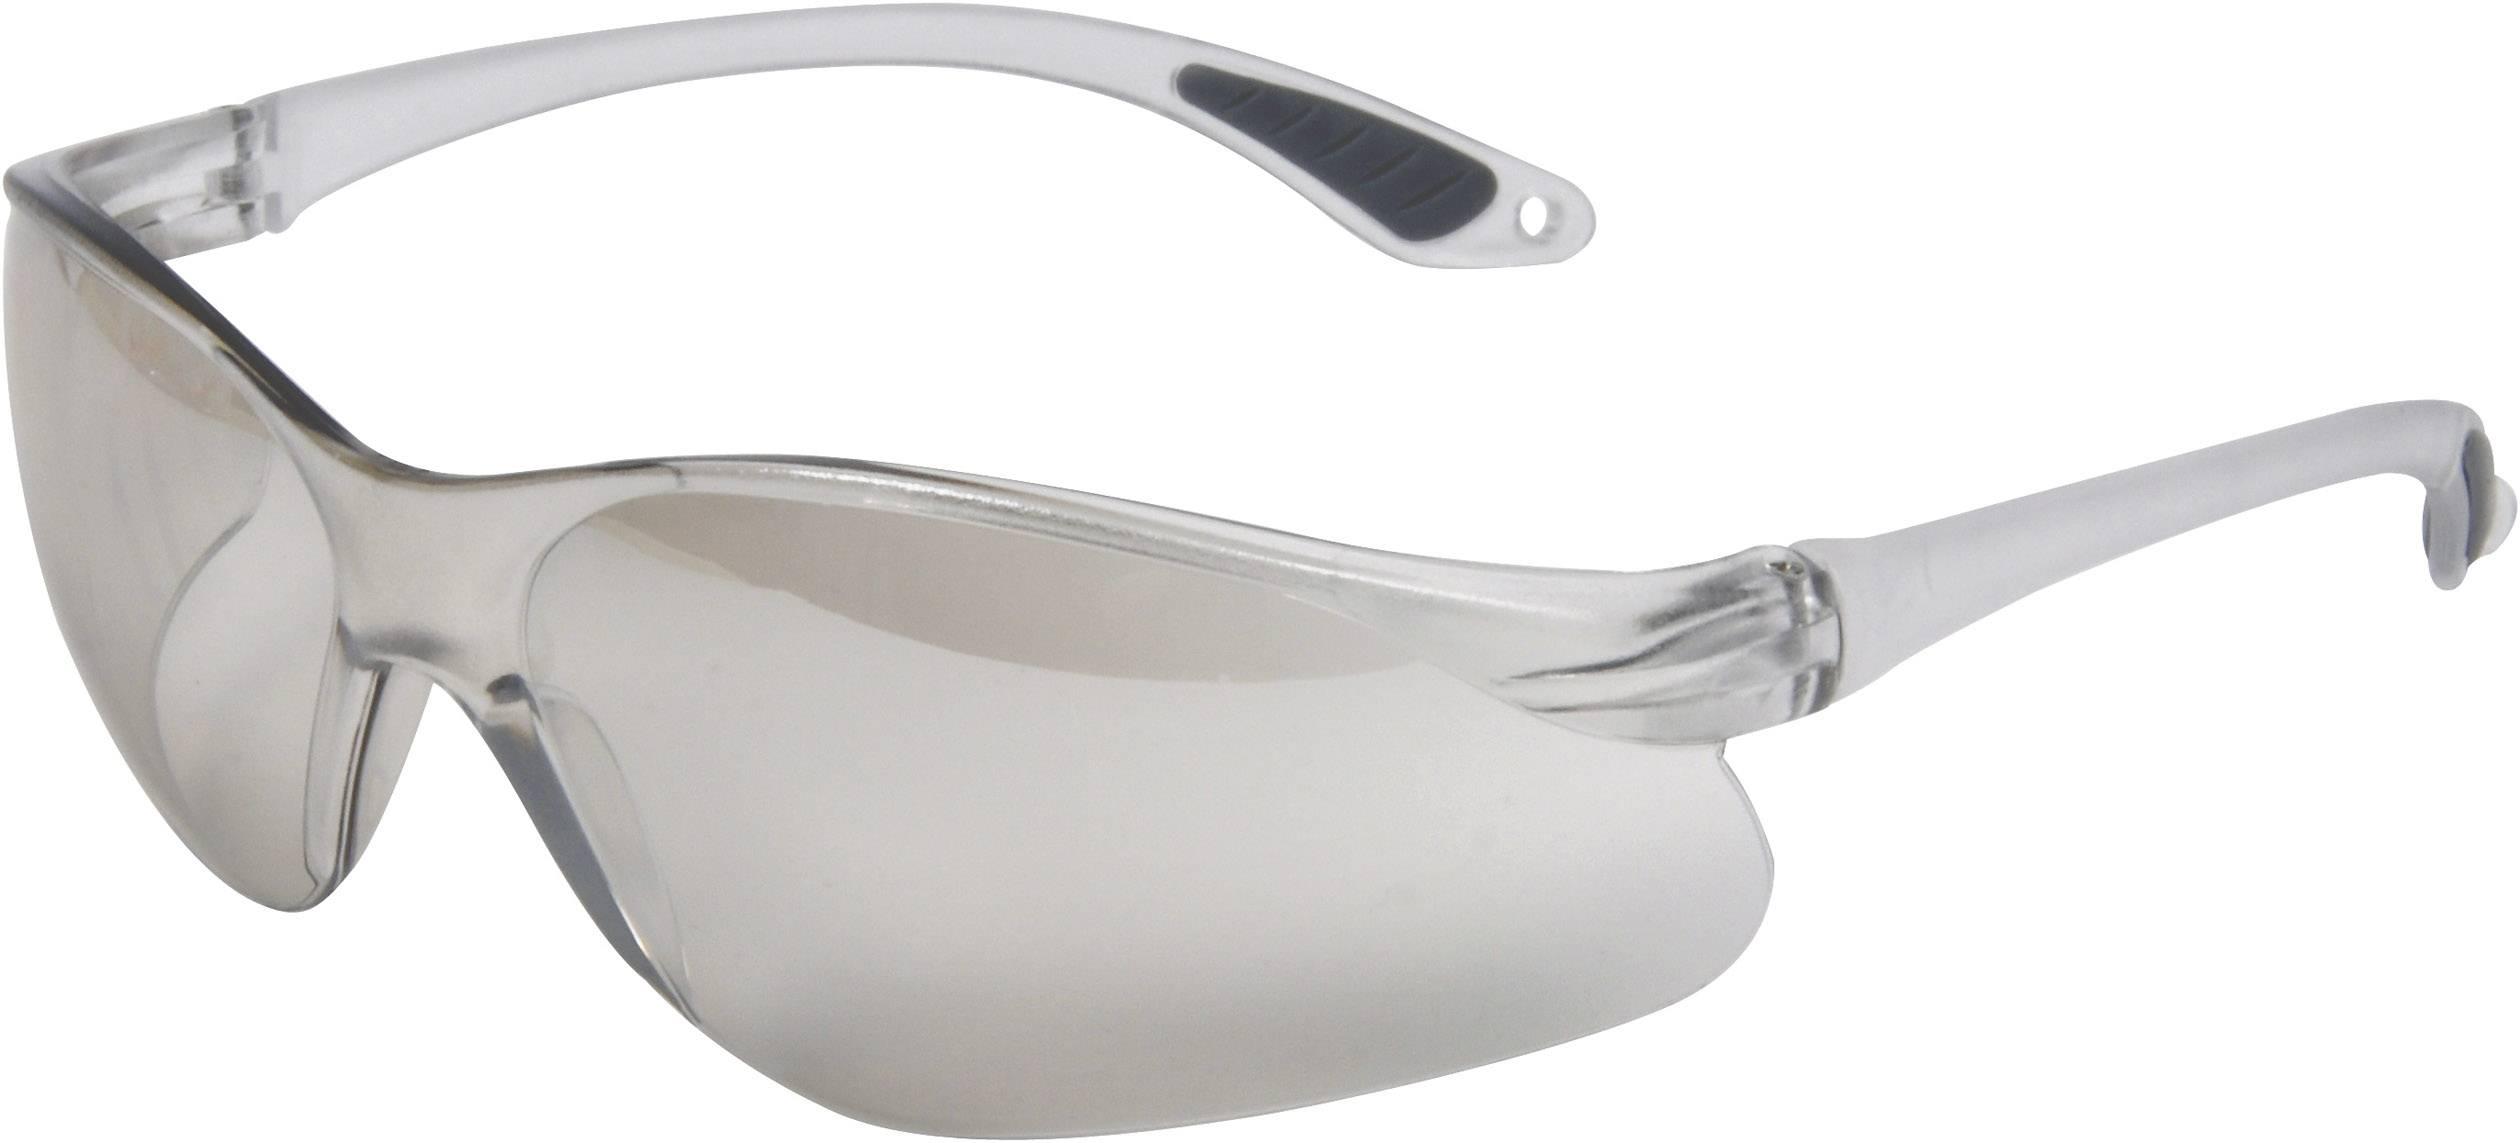 Ochranné okuliare AVIT AV13022